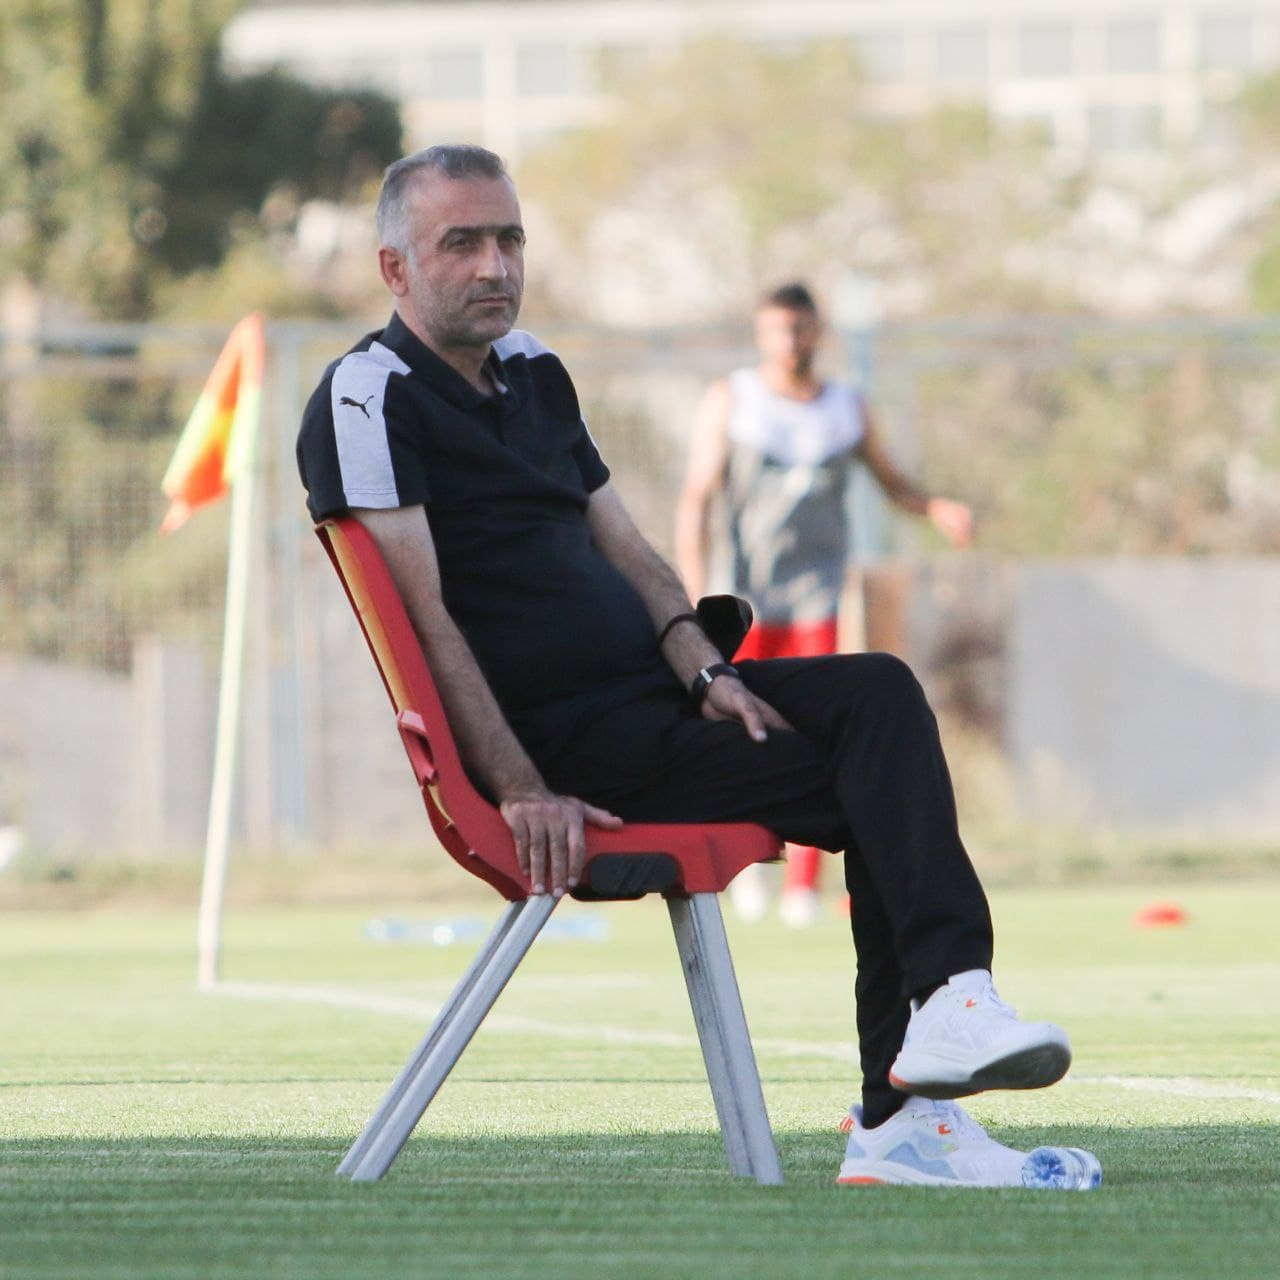 نیمکتهای جذاب و لرزان مربیان در لیگ ۲۱/ مربیان قهرمان و «سه تیمه» خانه نشین هستند